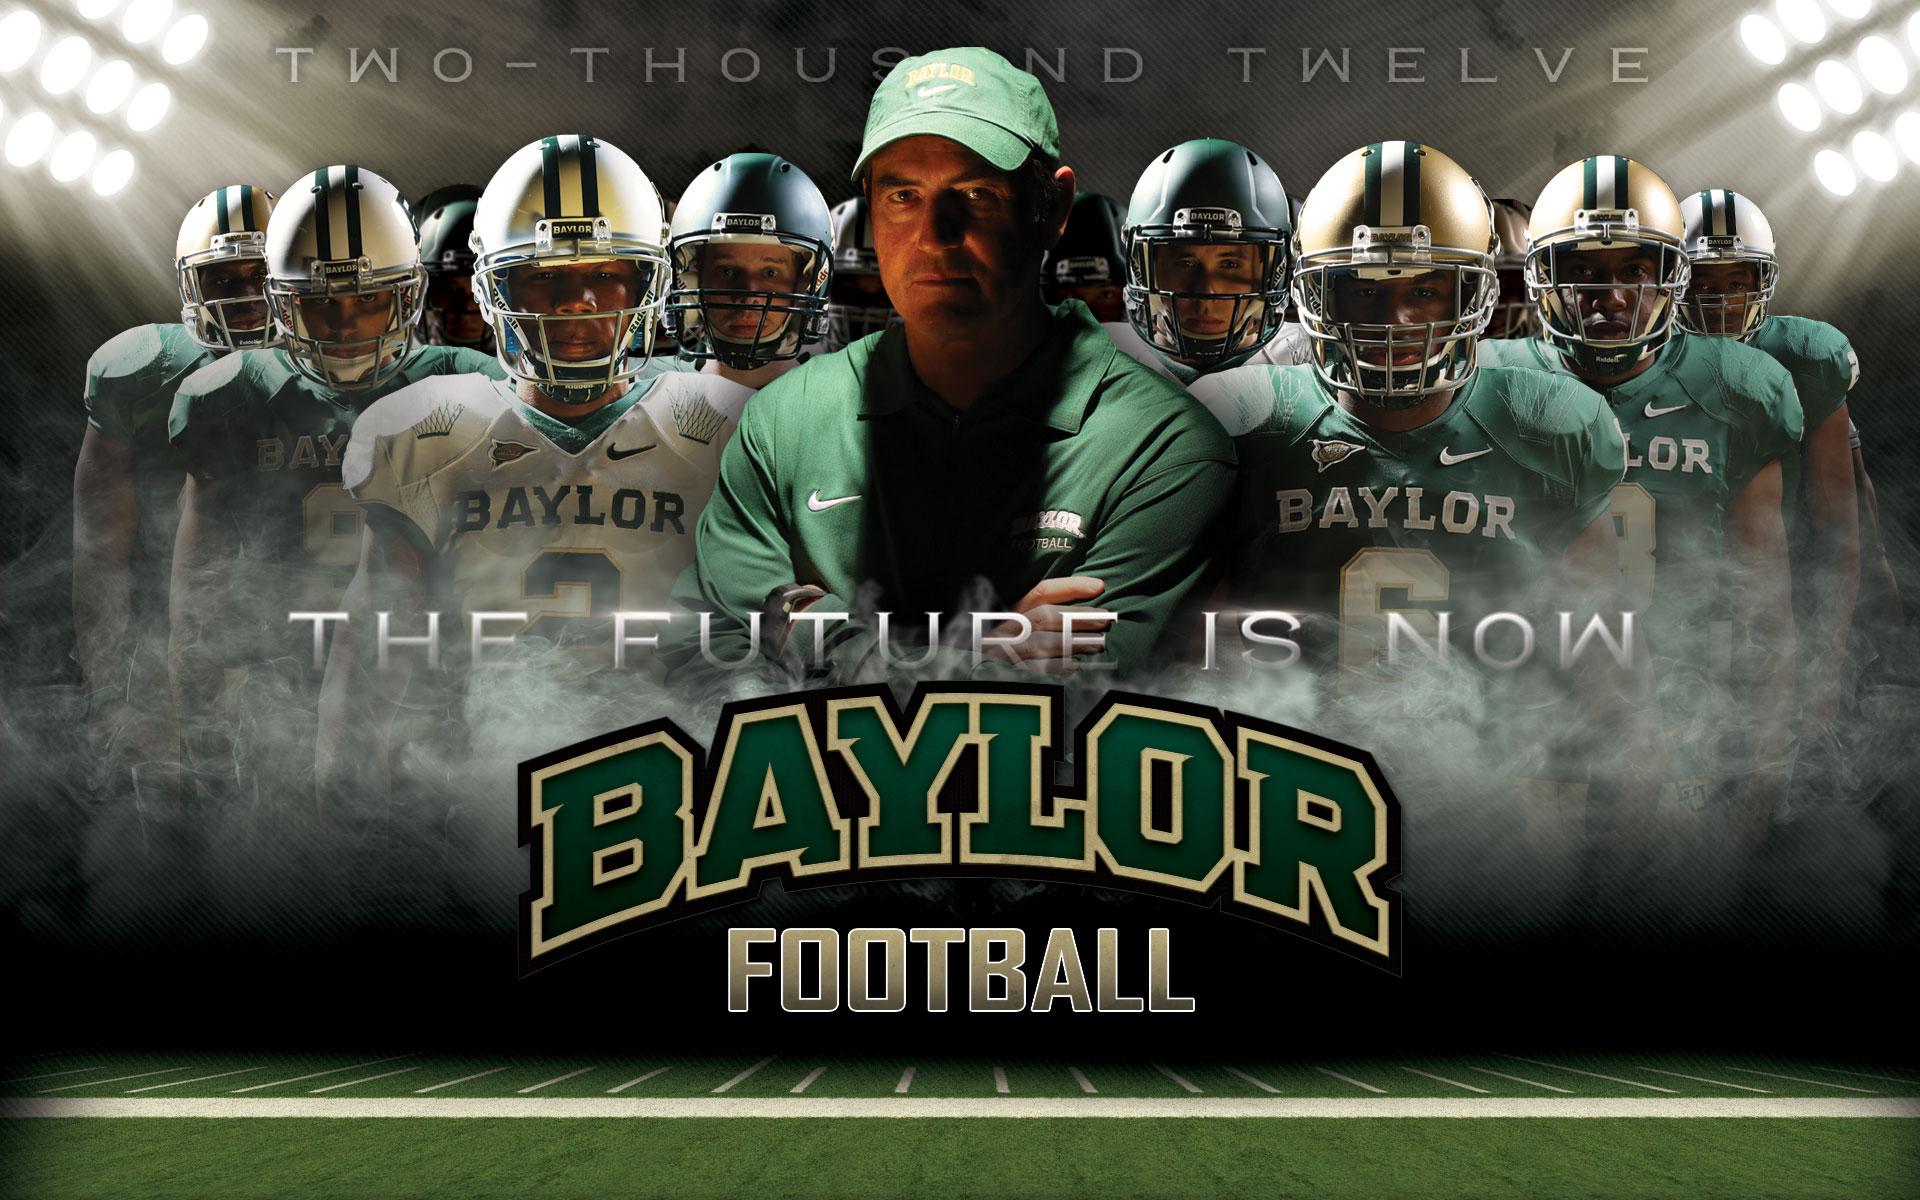 URL httpwwwsmscscomphotofree college football wallpaperhtml 1920x1200